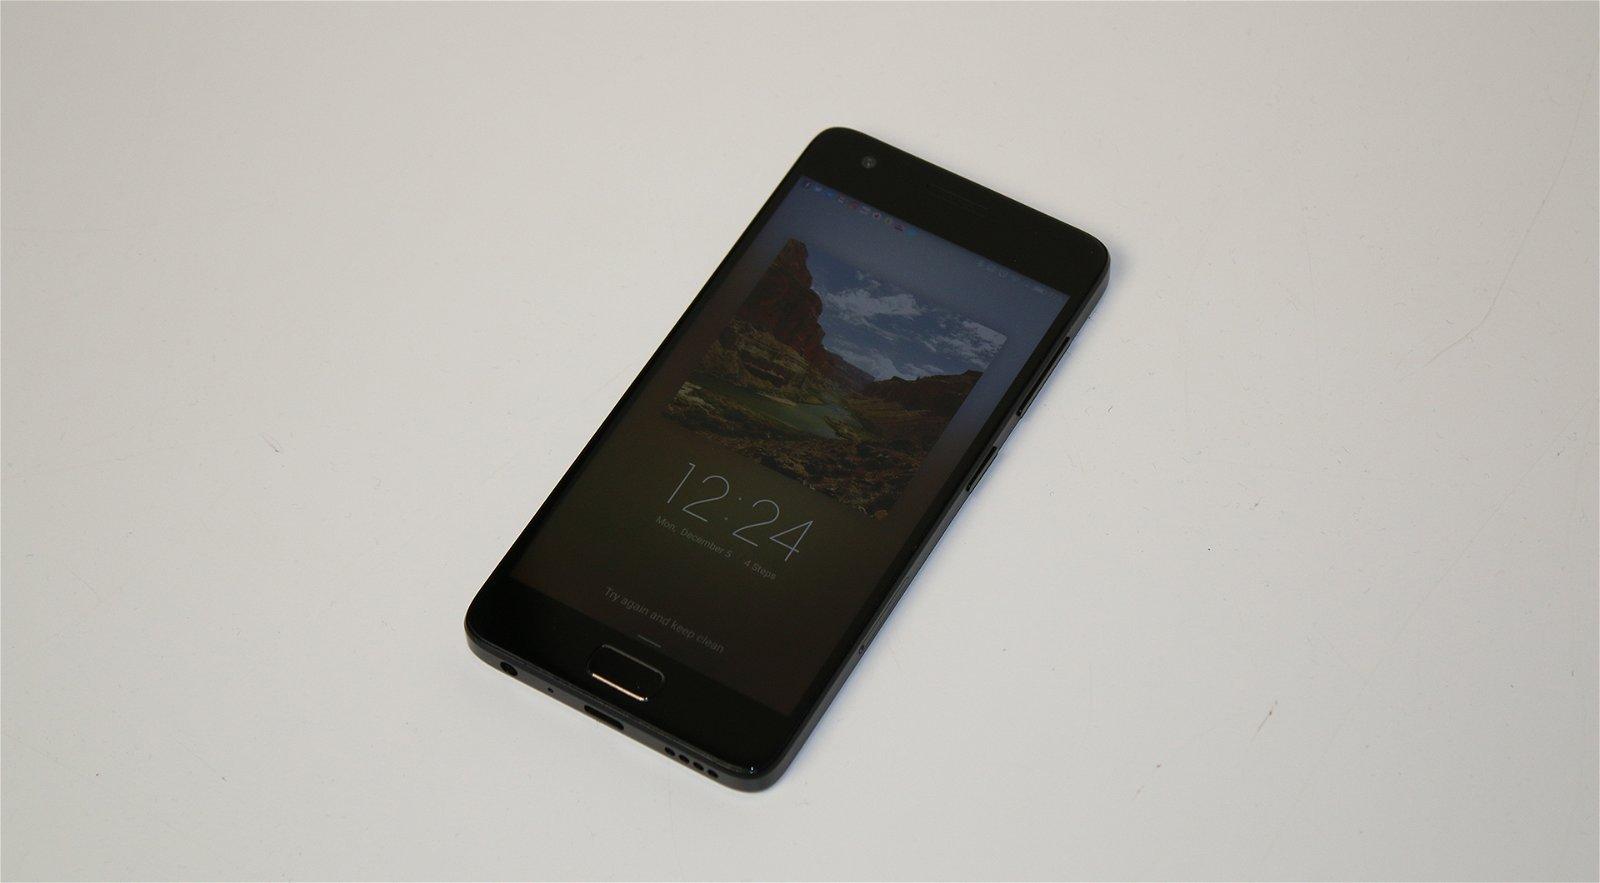 Lenovo Zuk Z2 (Phone) Review 5